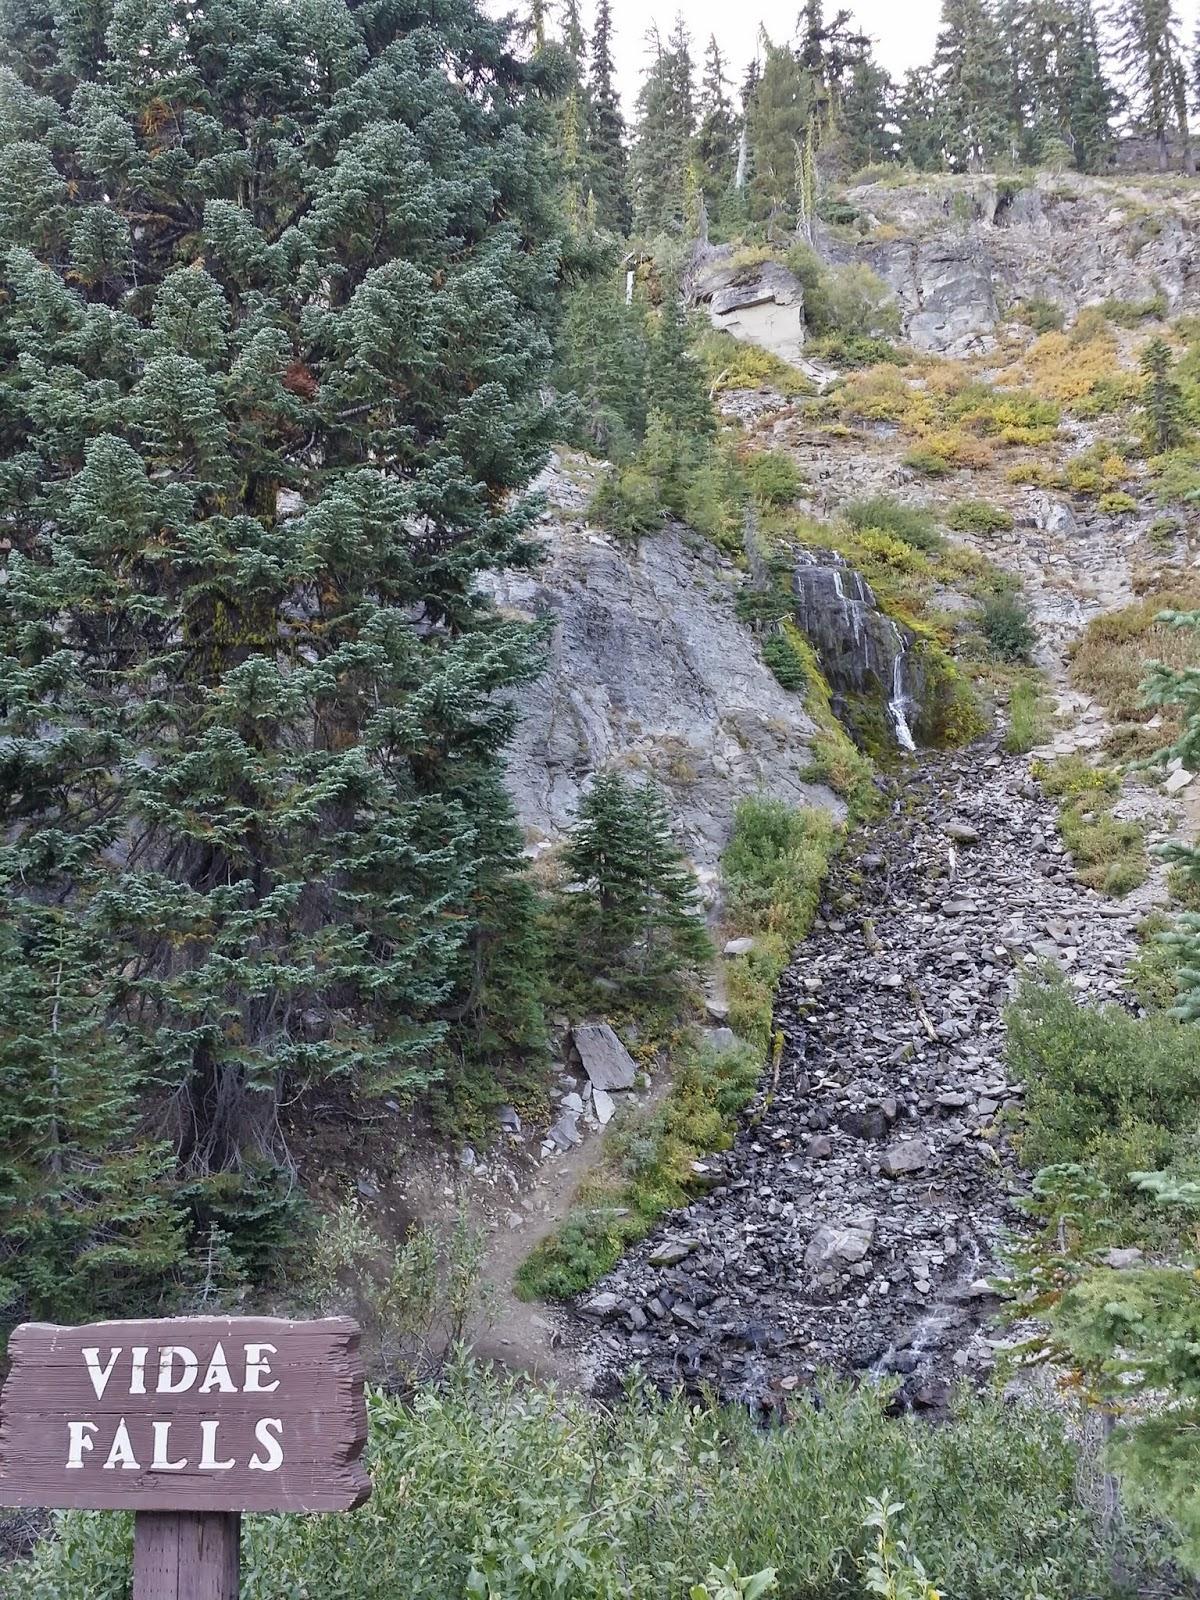 Vidae Falls at Crater Lake